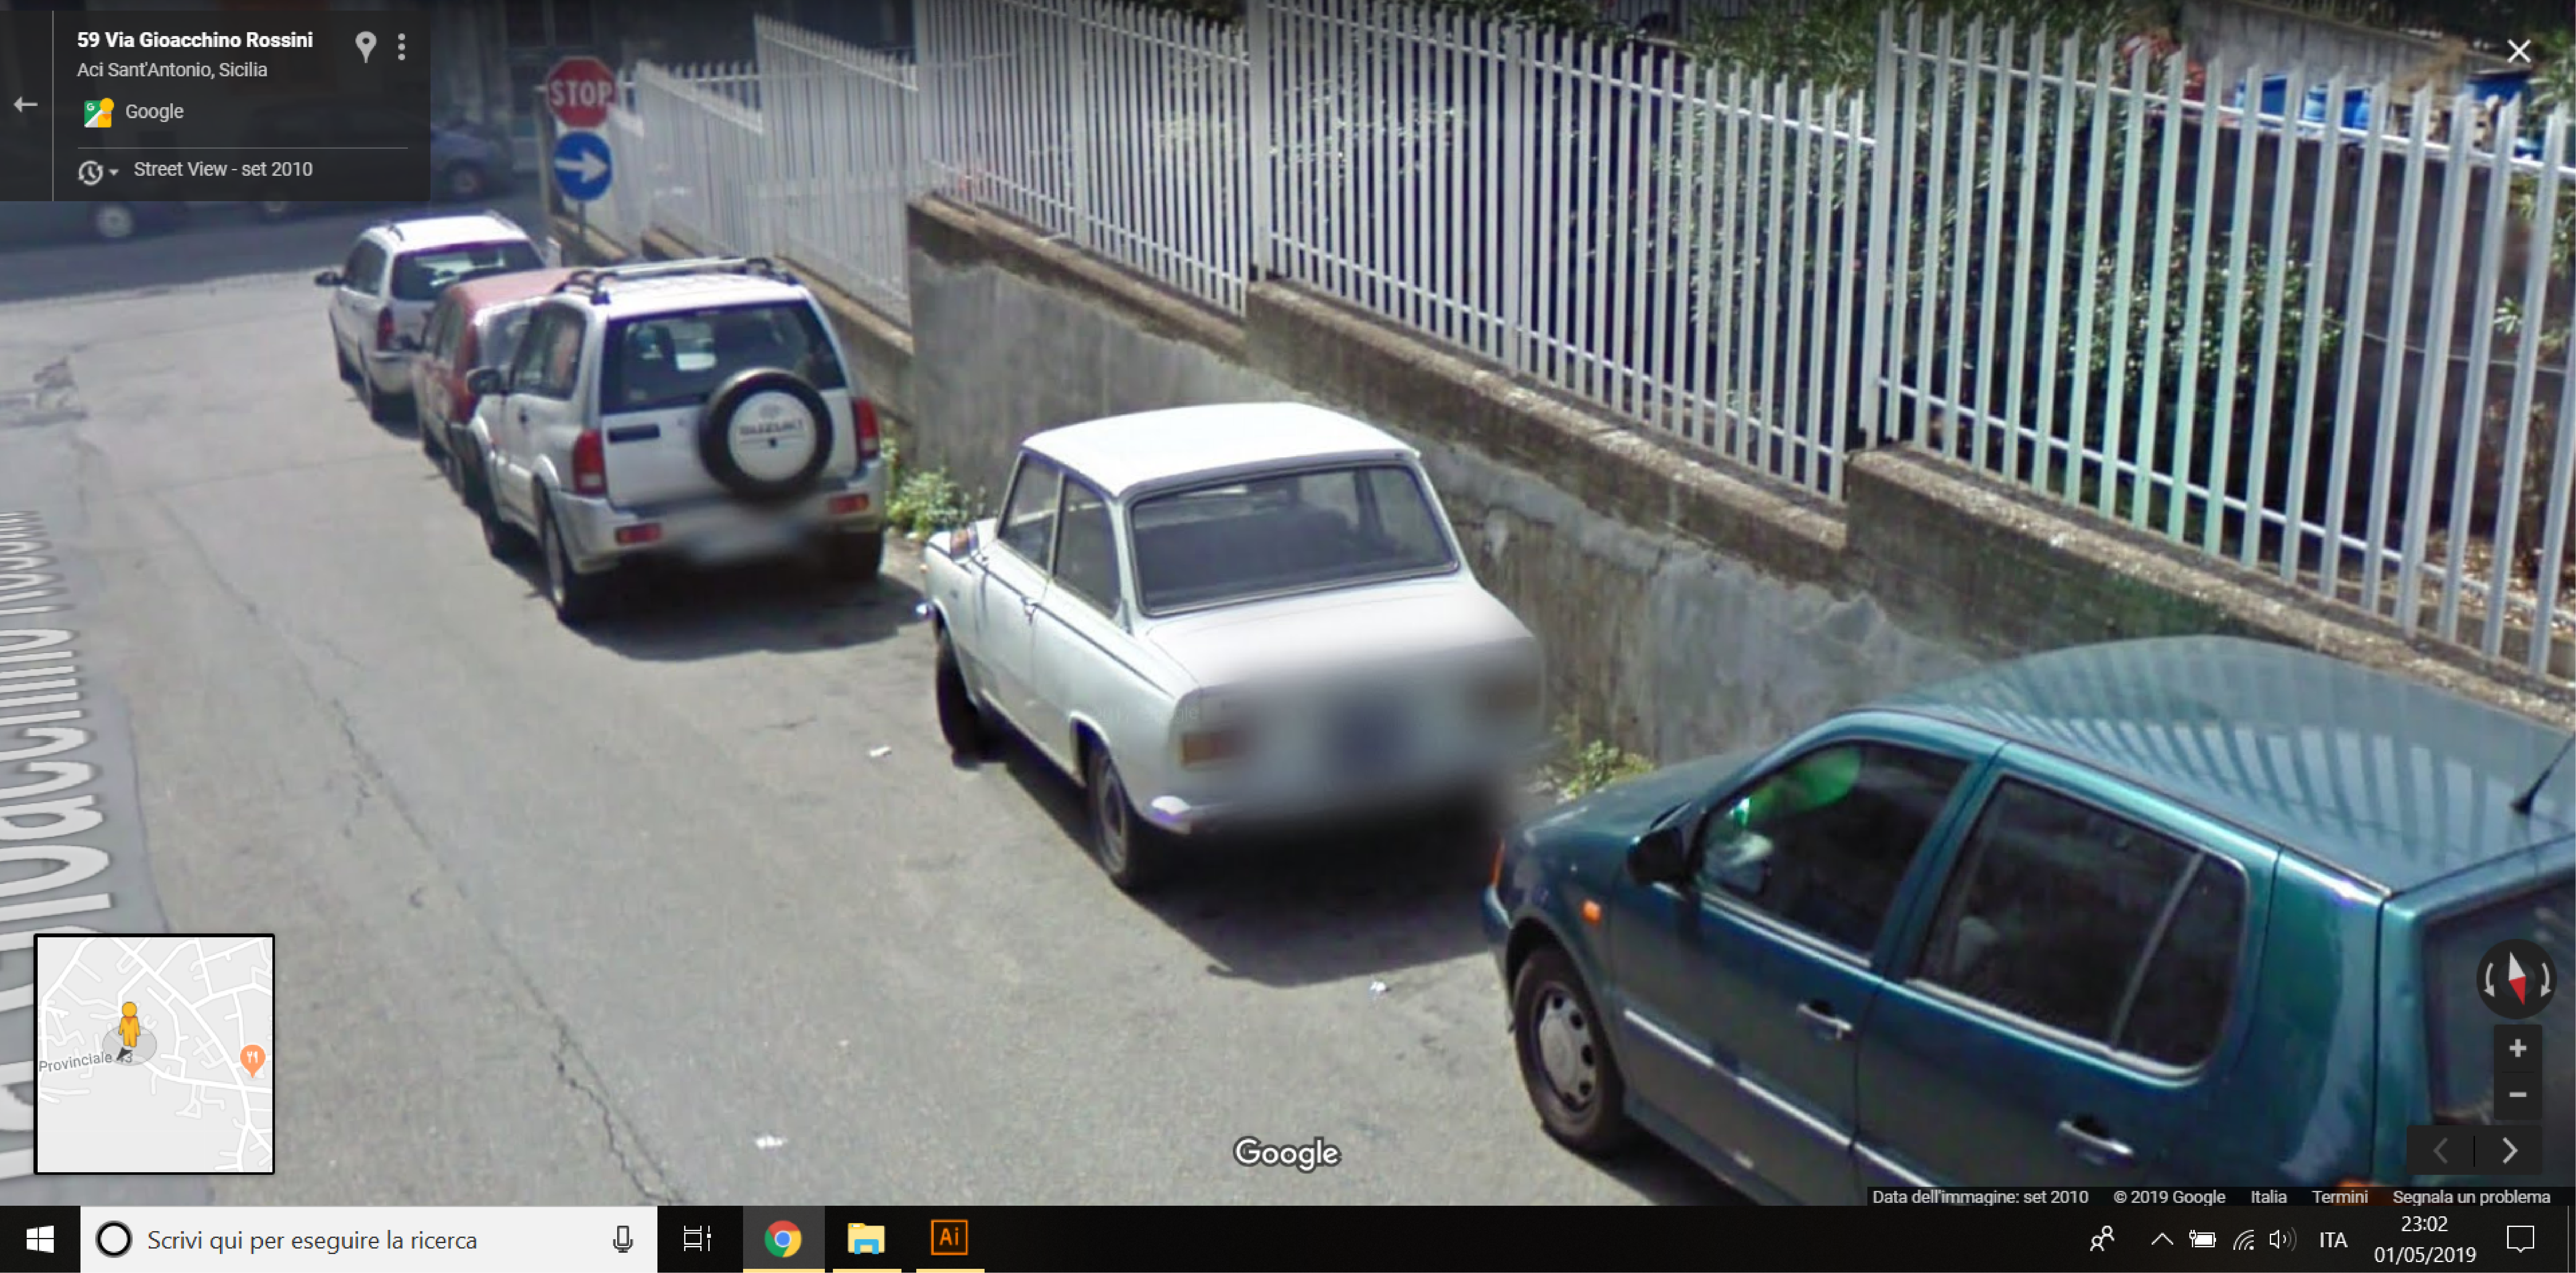 Auto  storiche da Google Maps - Pagina 10 Aci-Sant-Antonio-Via-Rossini-01